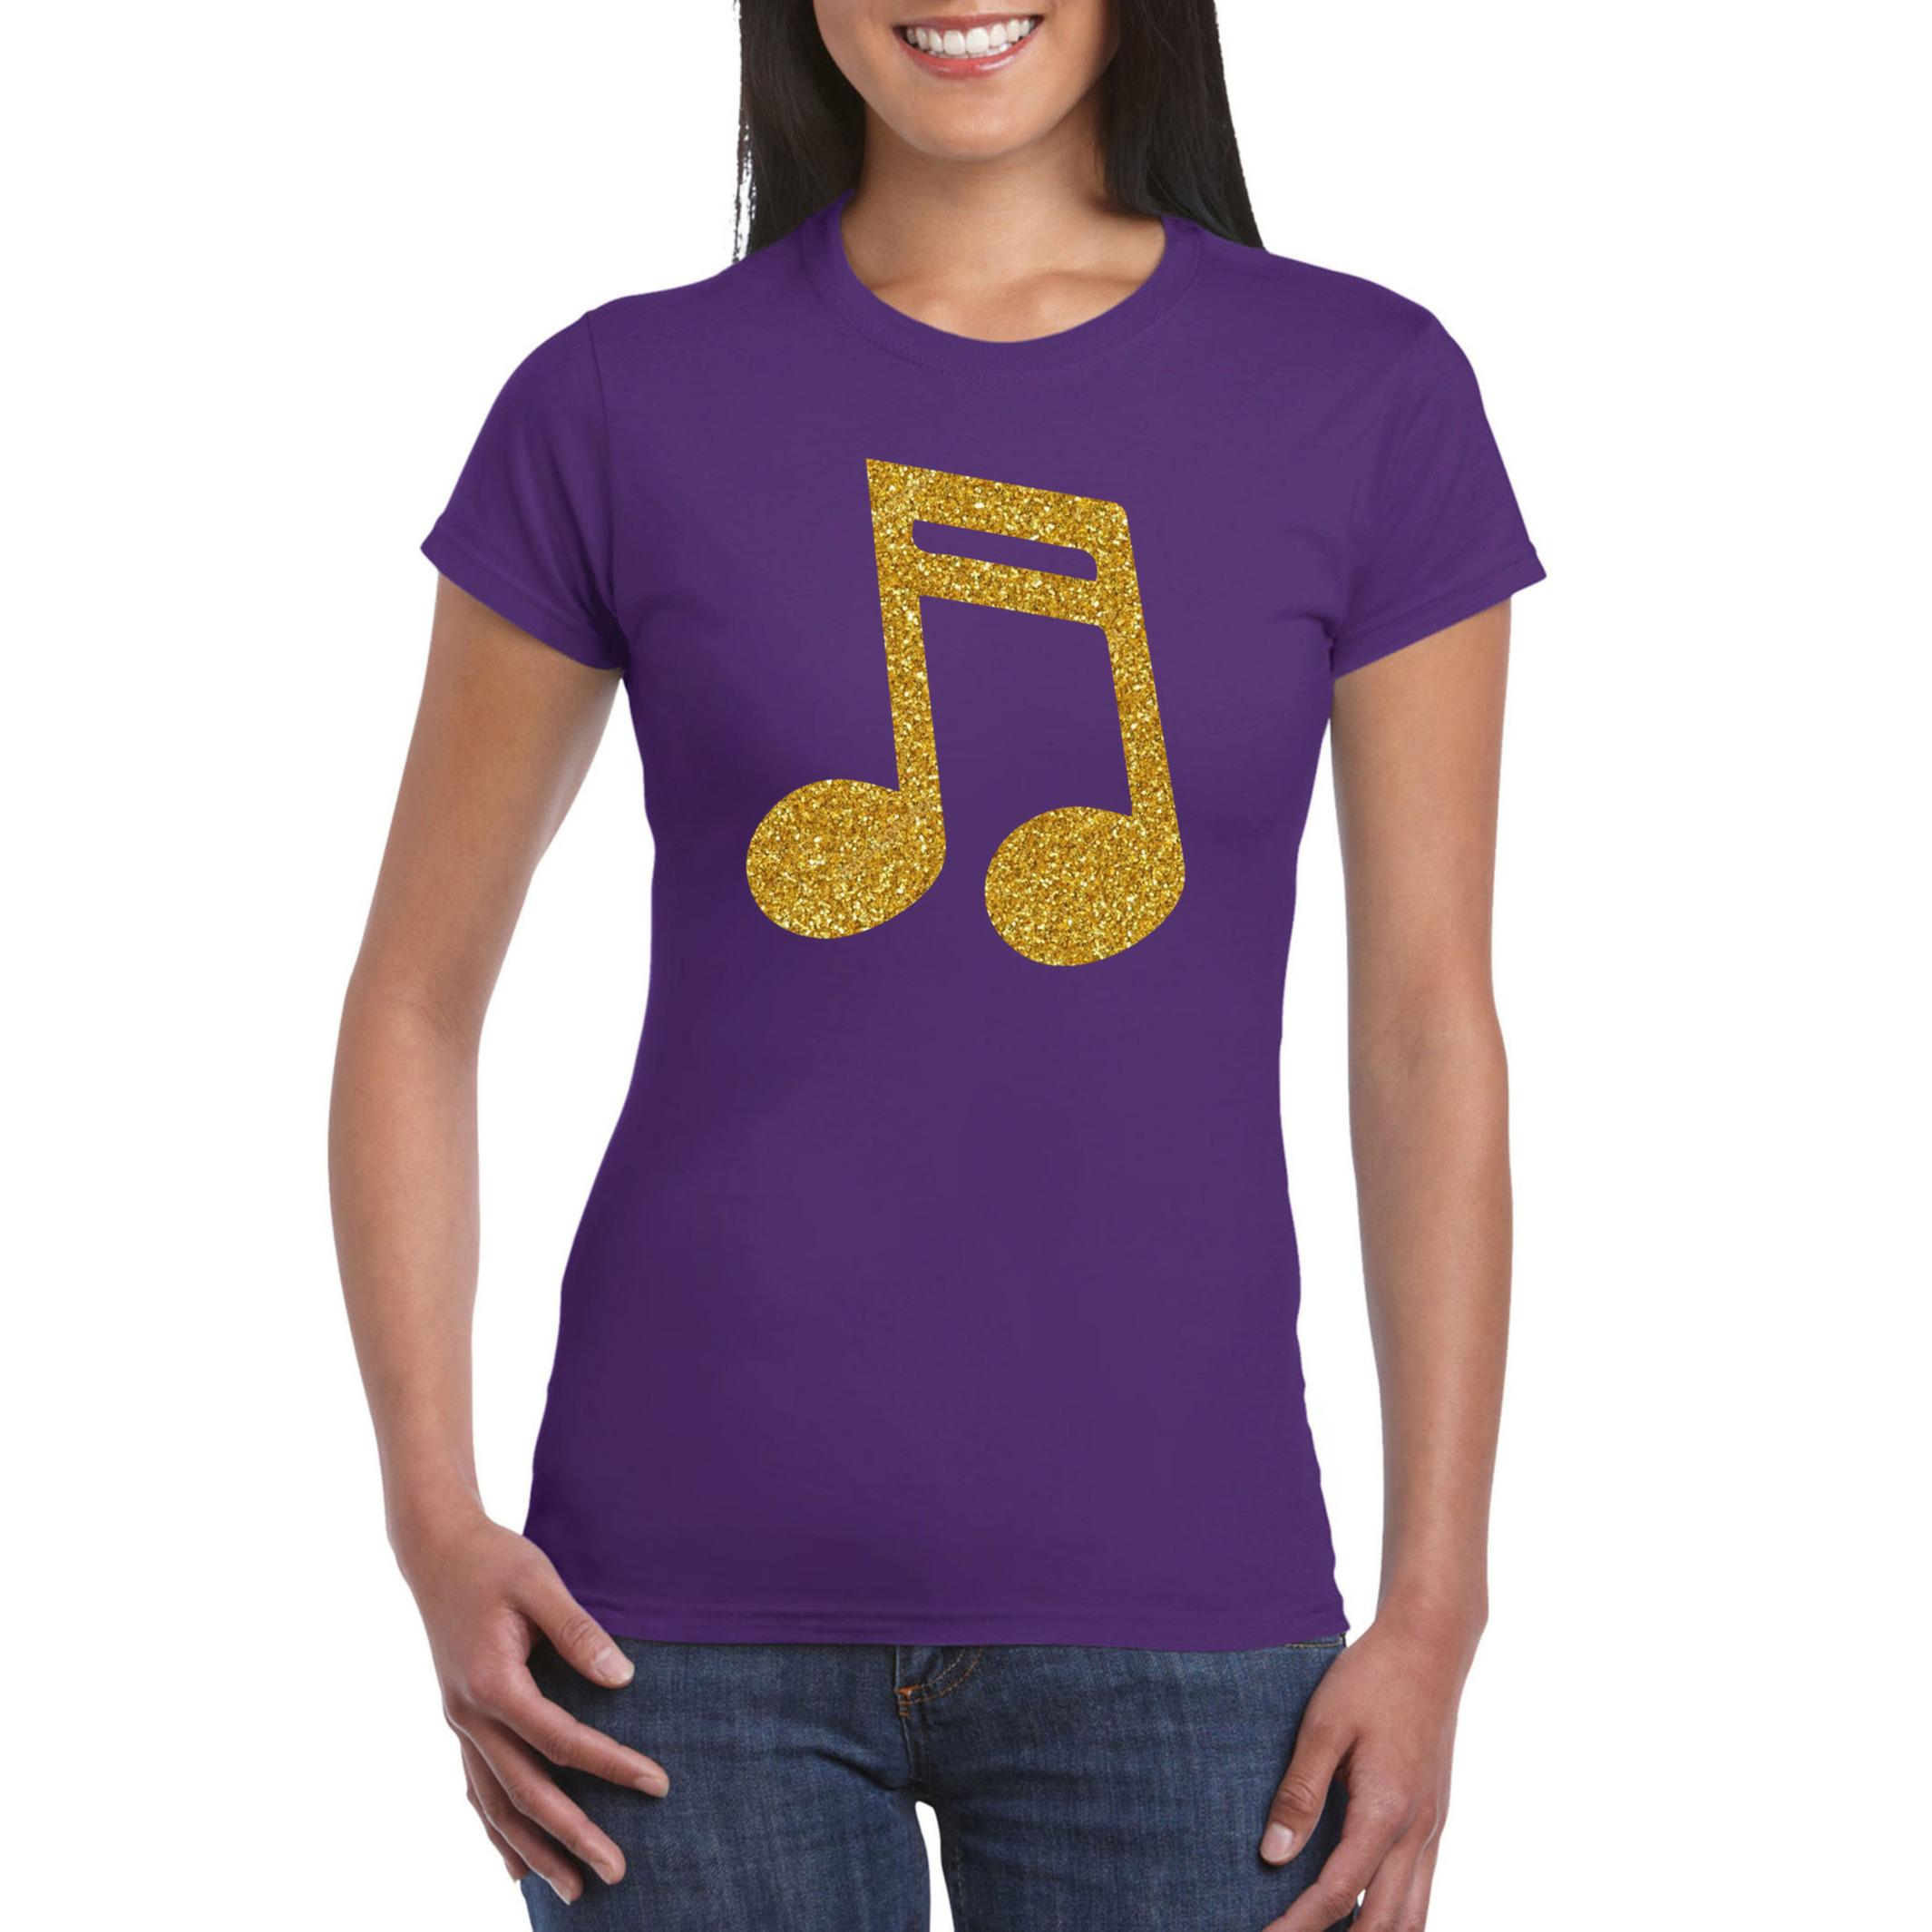 Gouden muziek noot - muziek feest t-shirt - kleding paars dames